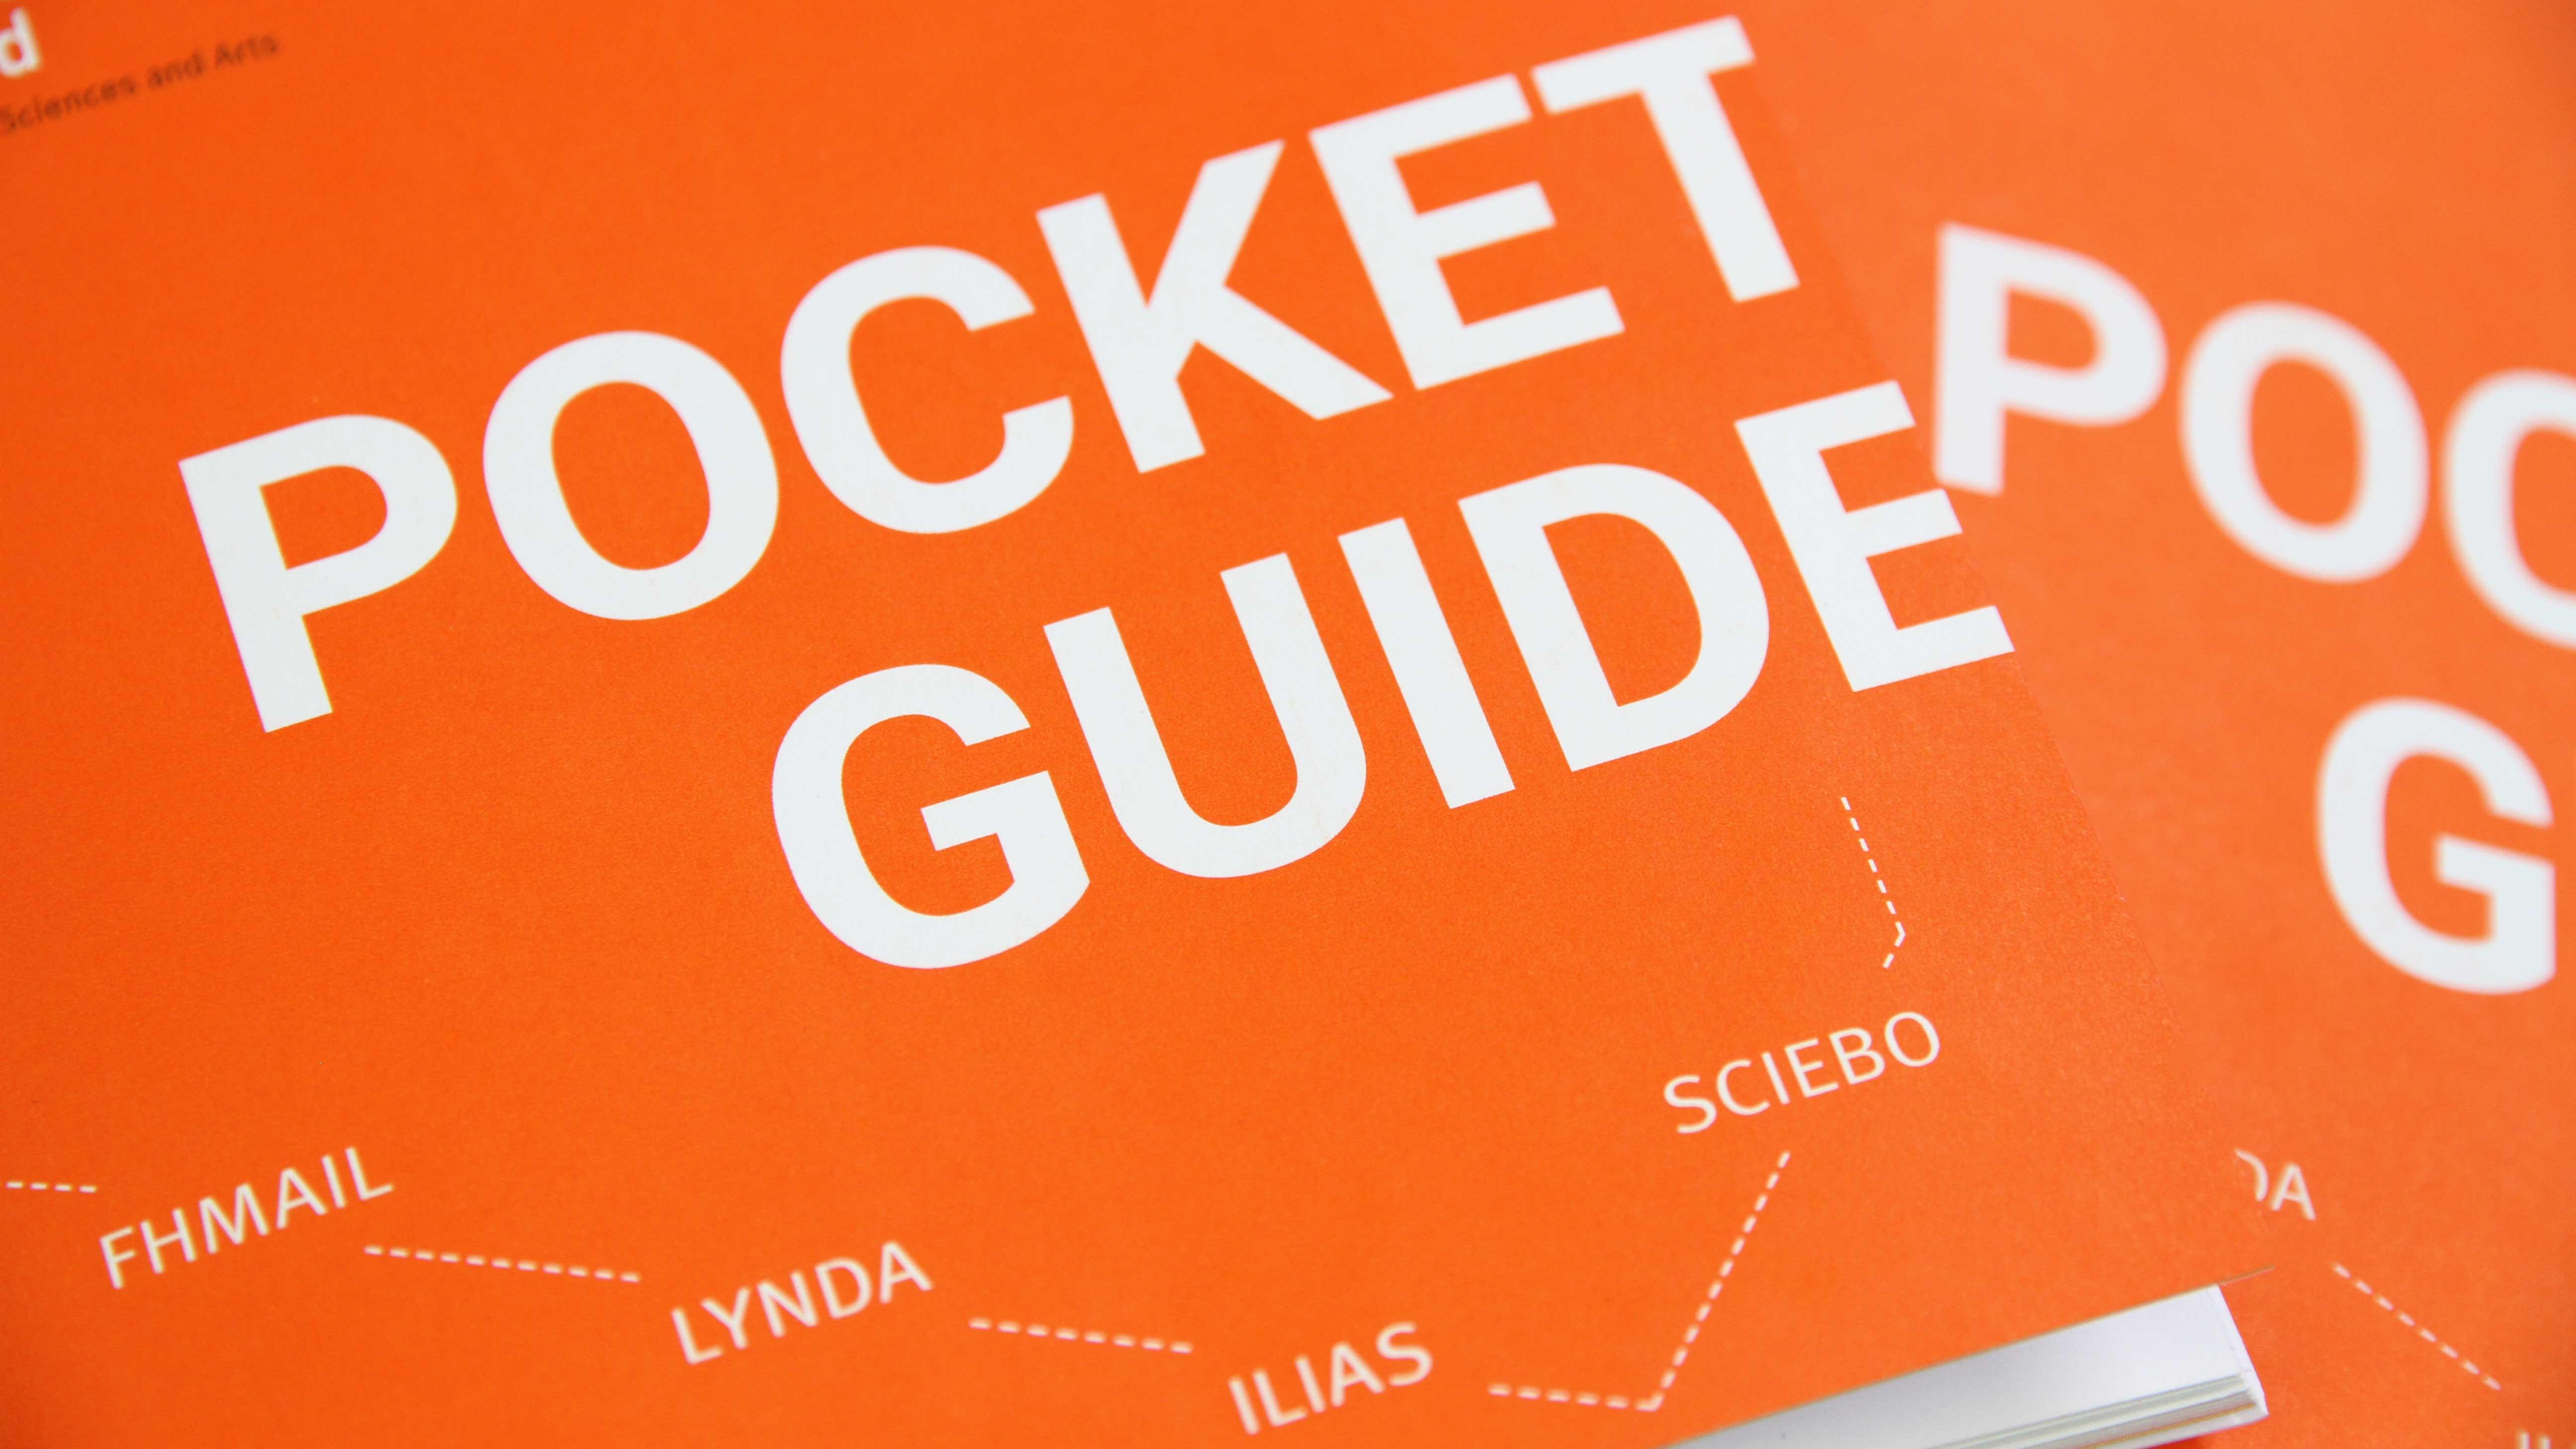 Pocket Guide für IT-Systeme